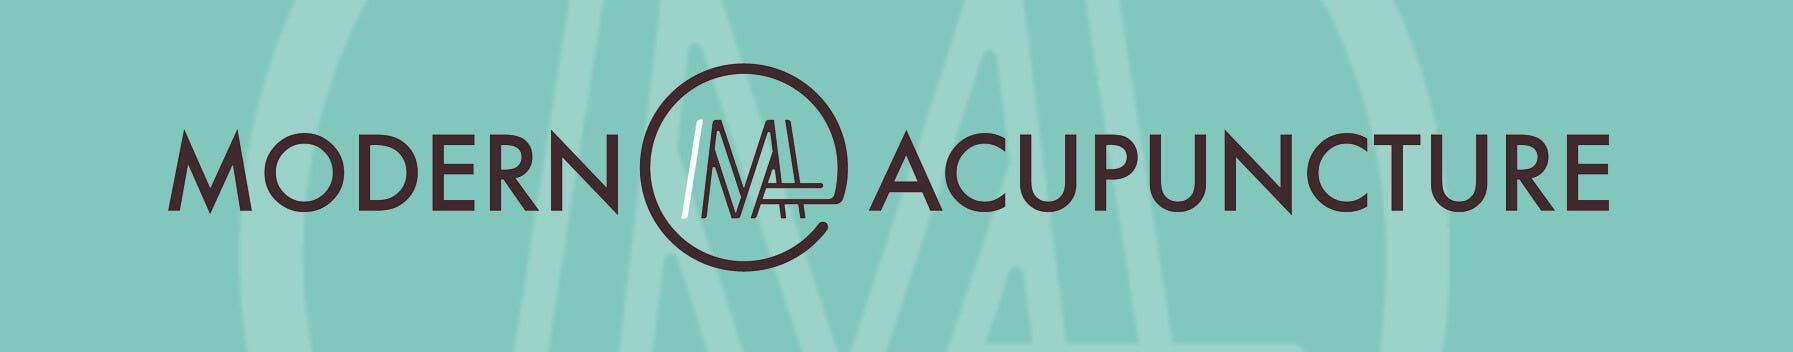 Modern Acupuncture